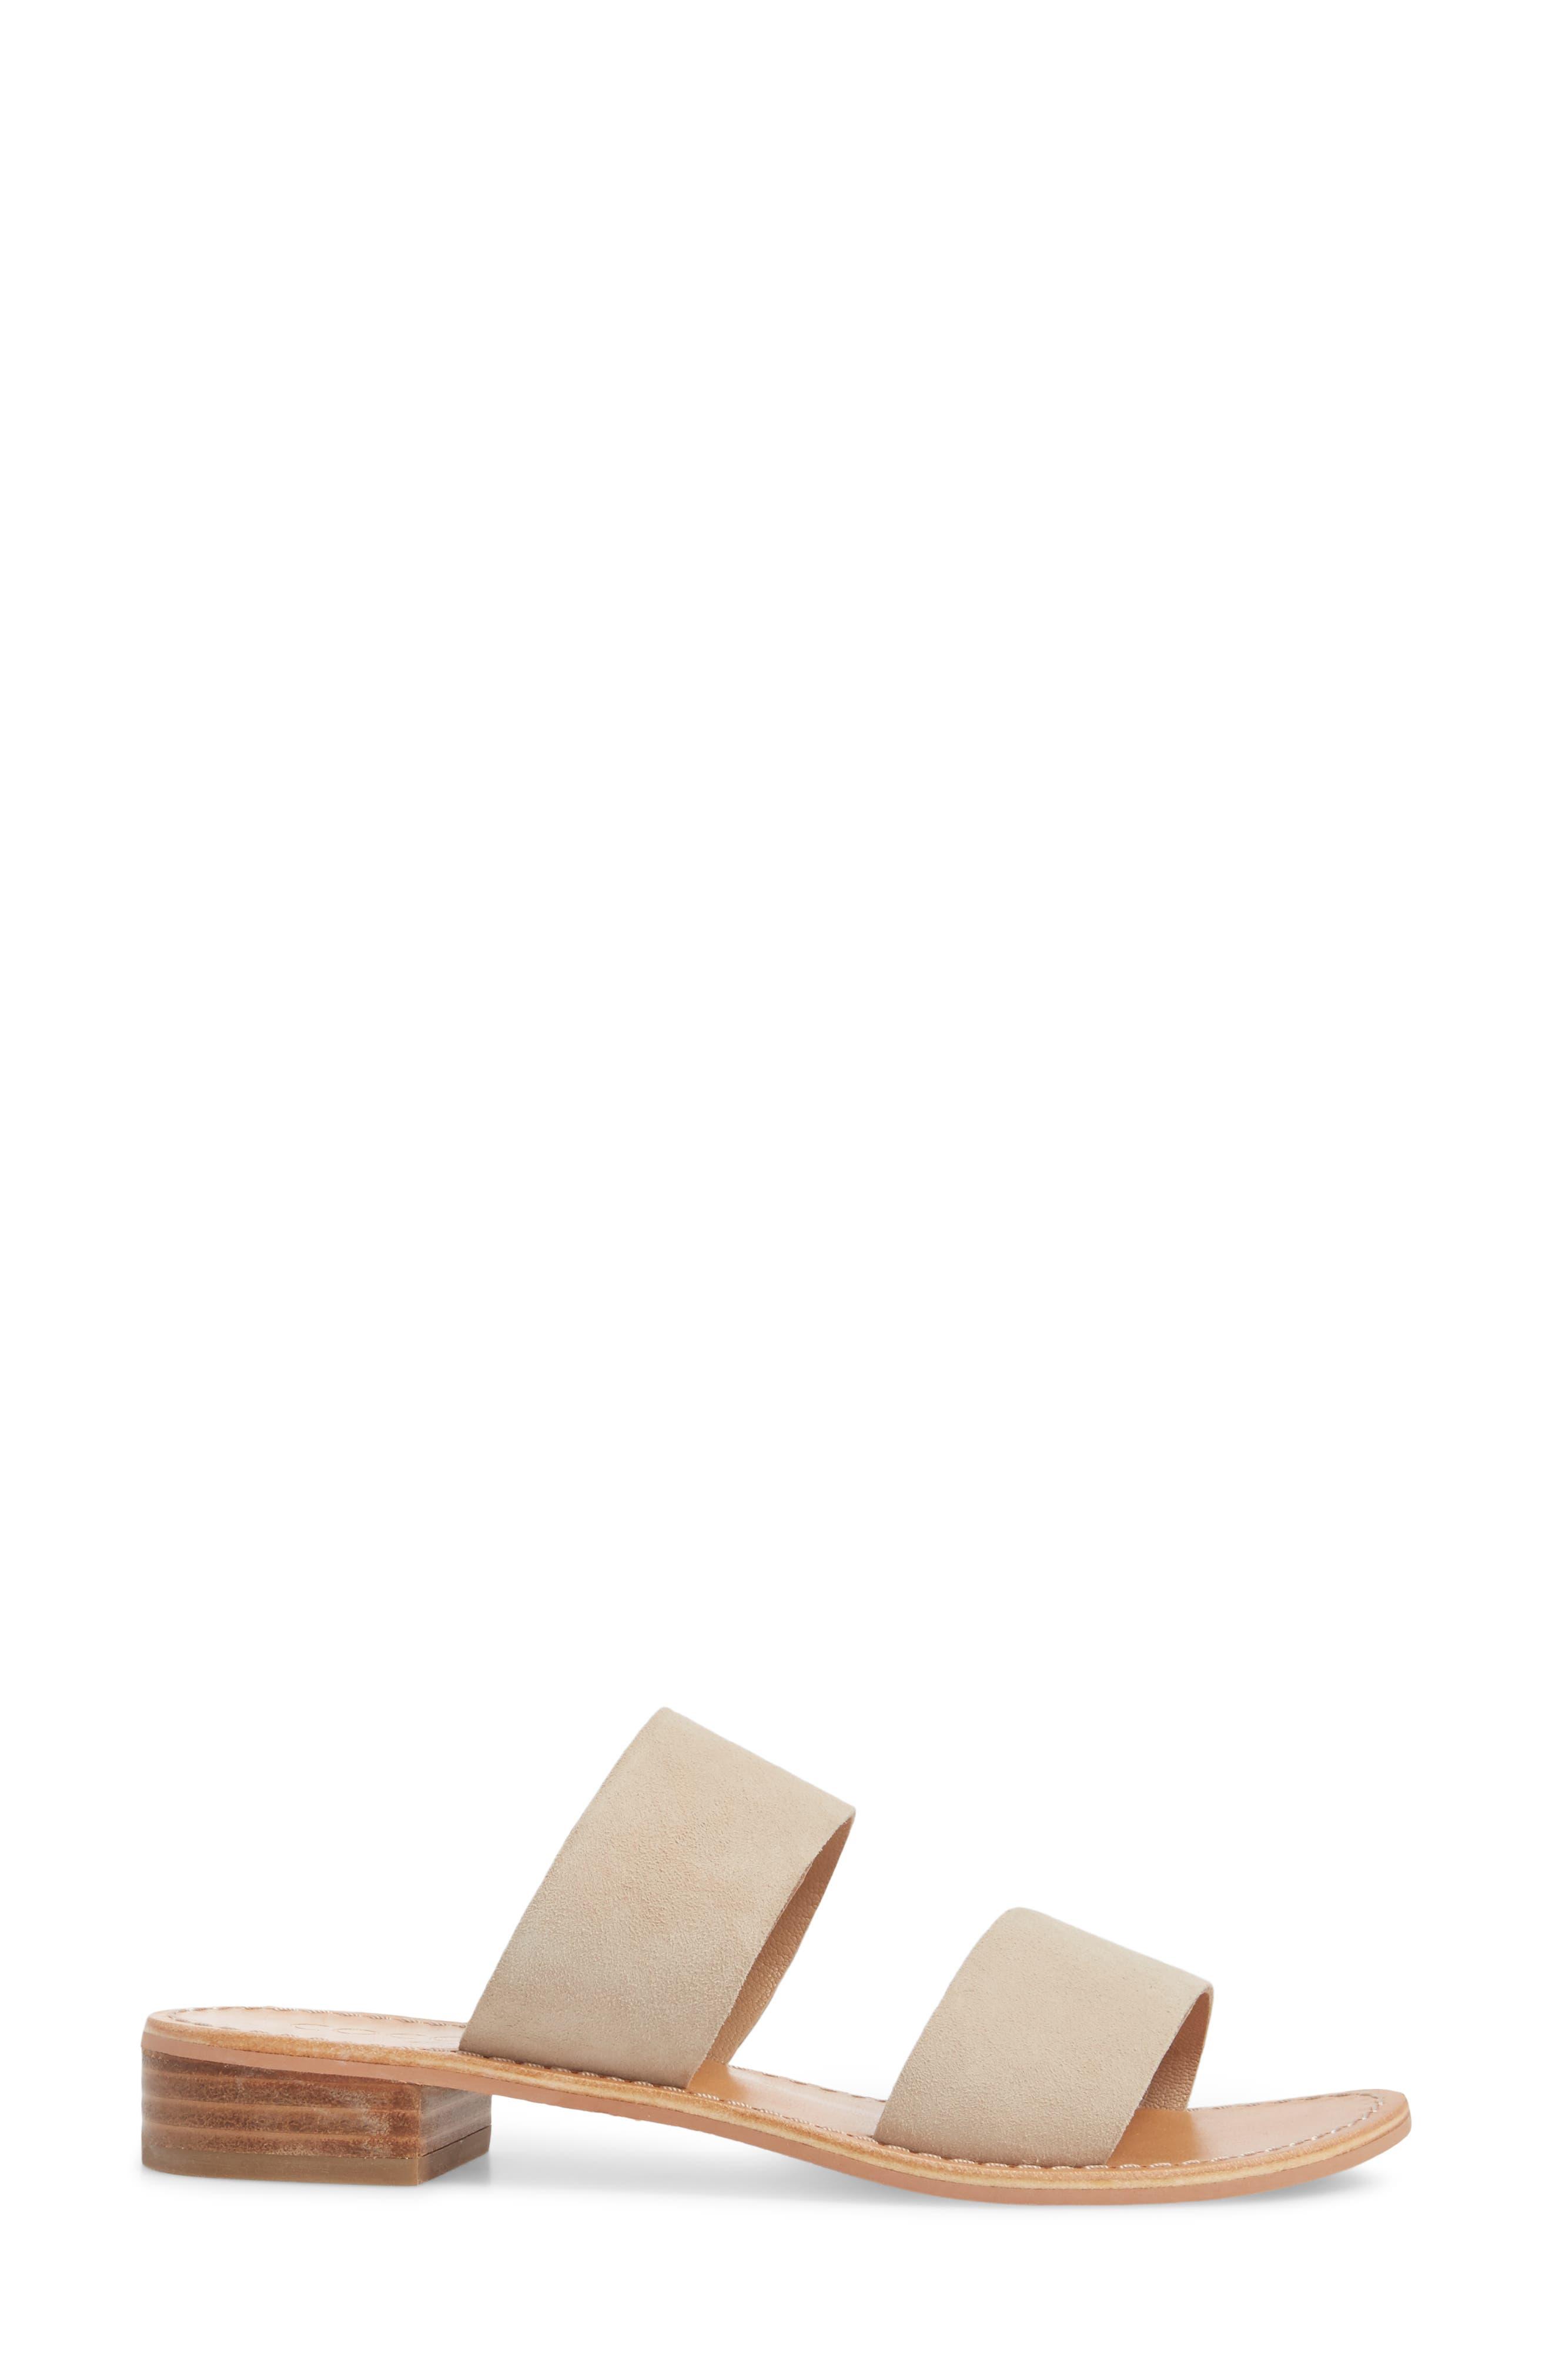 Limelight Slide Sandal,                             Alternate thumbnail 10, color,